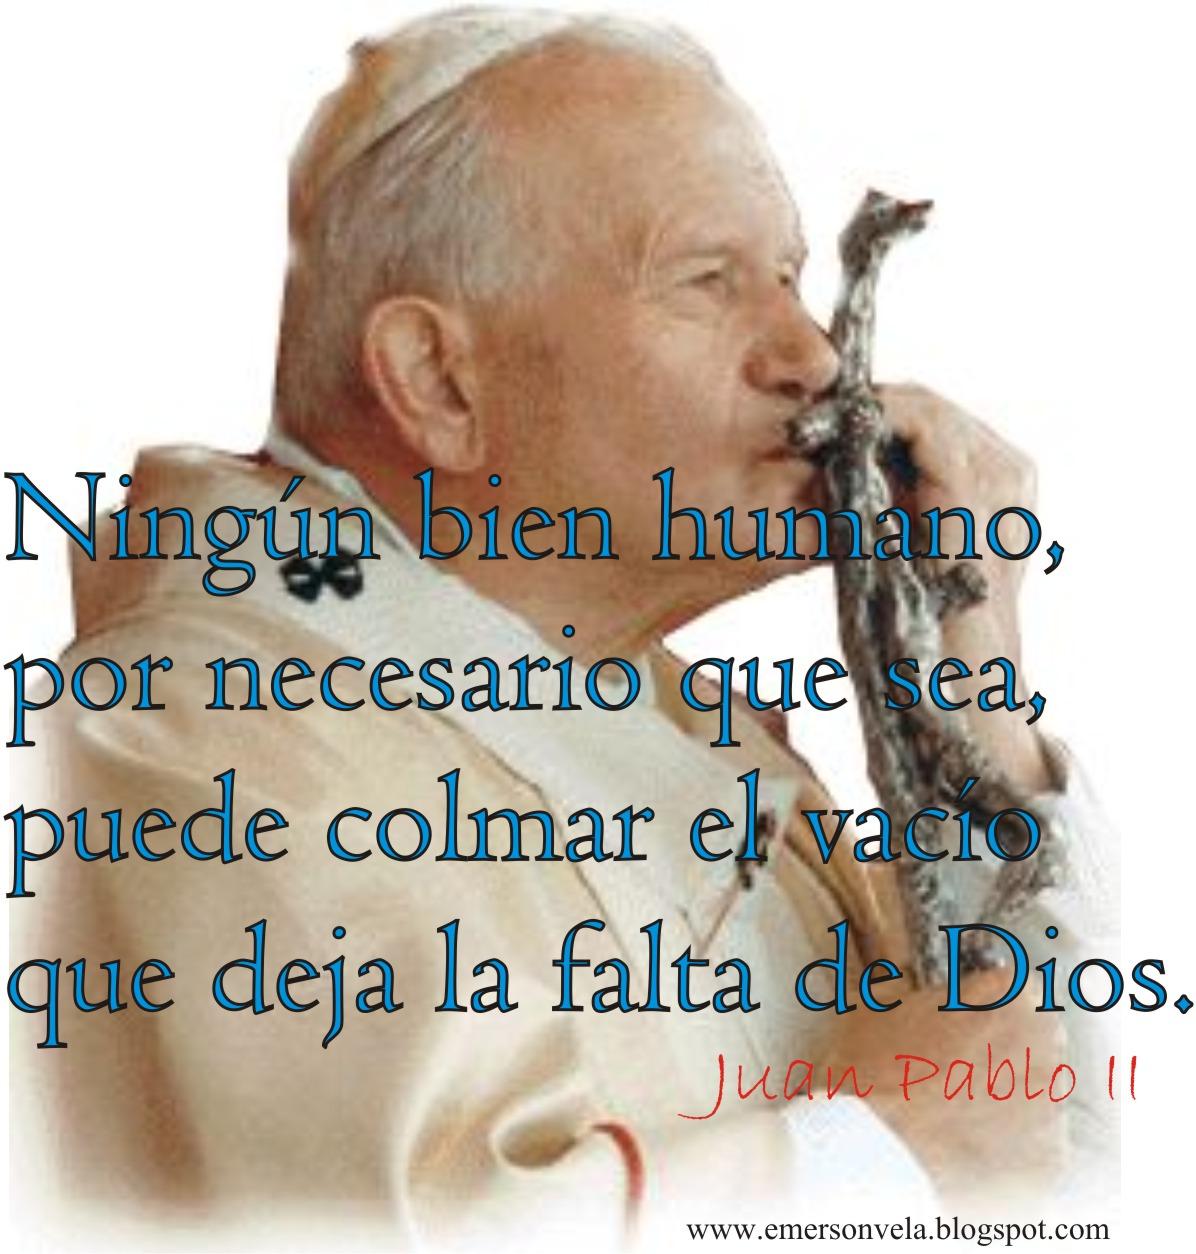 En memoria de Juan Pablo II - YouTube